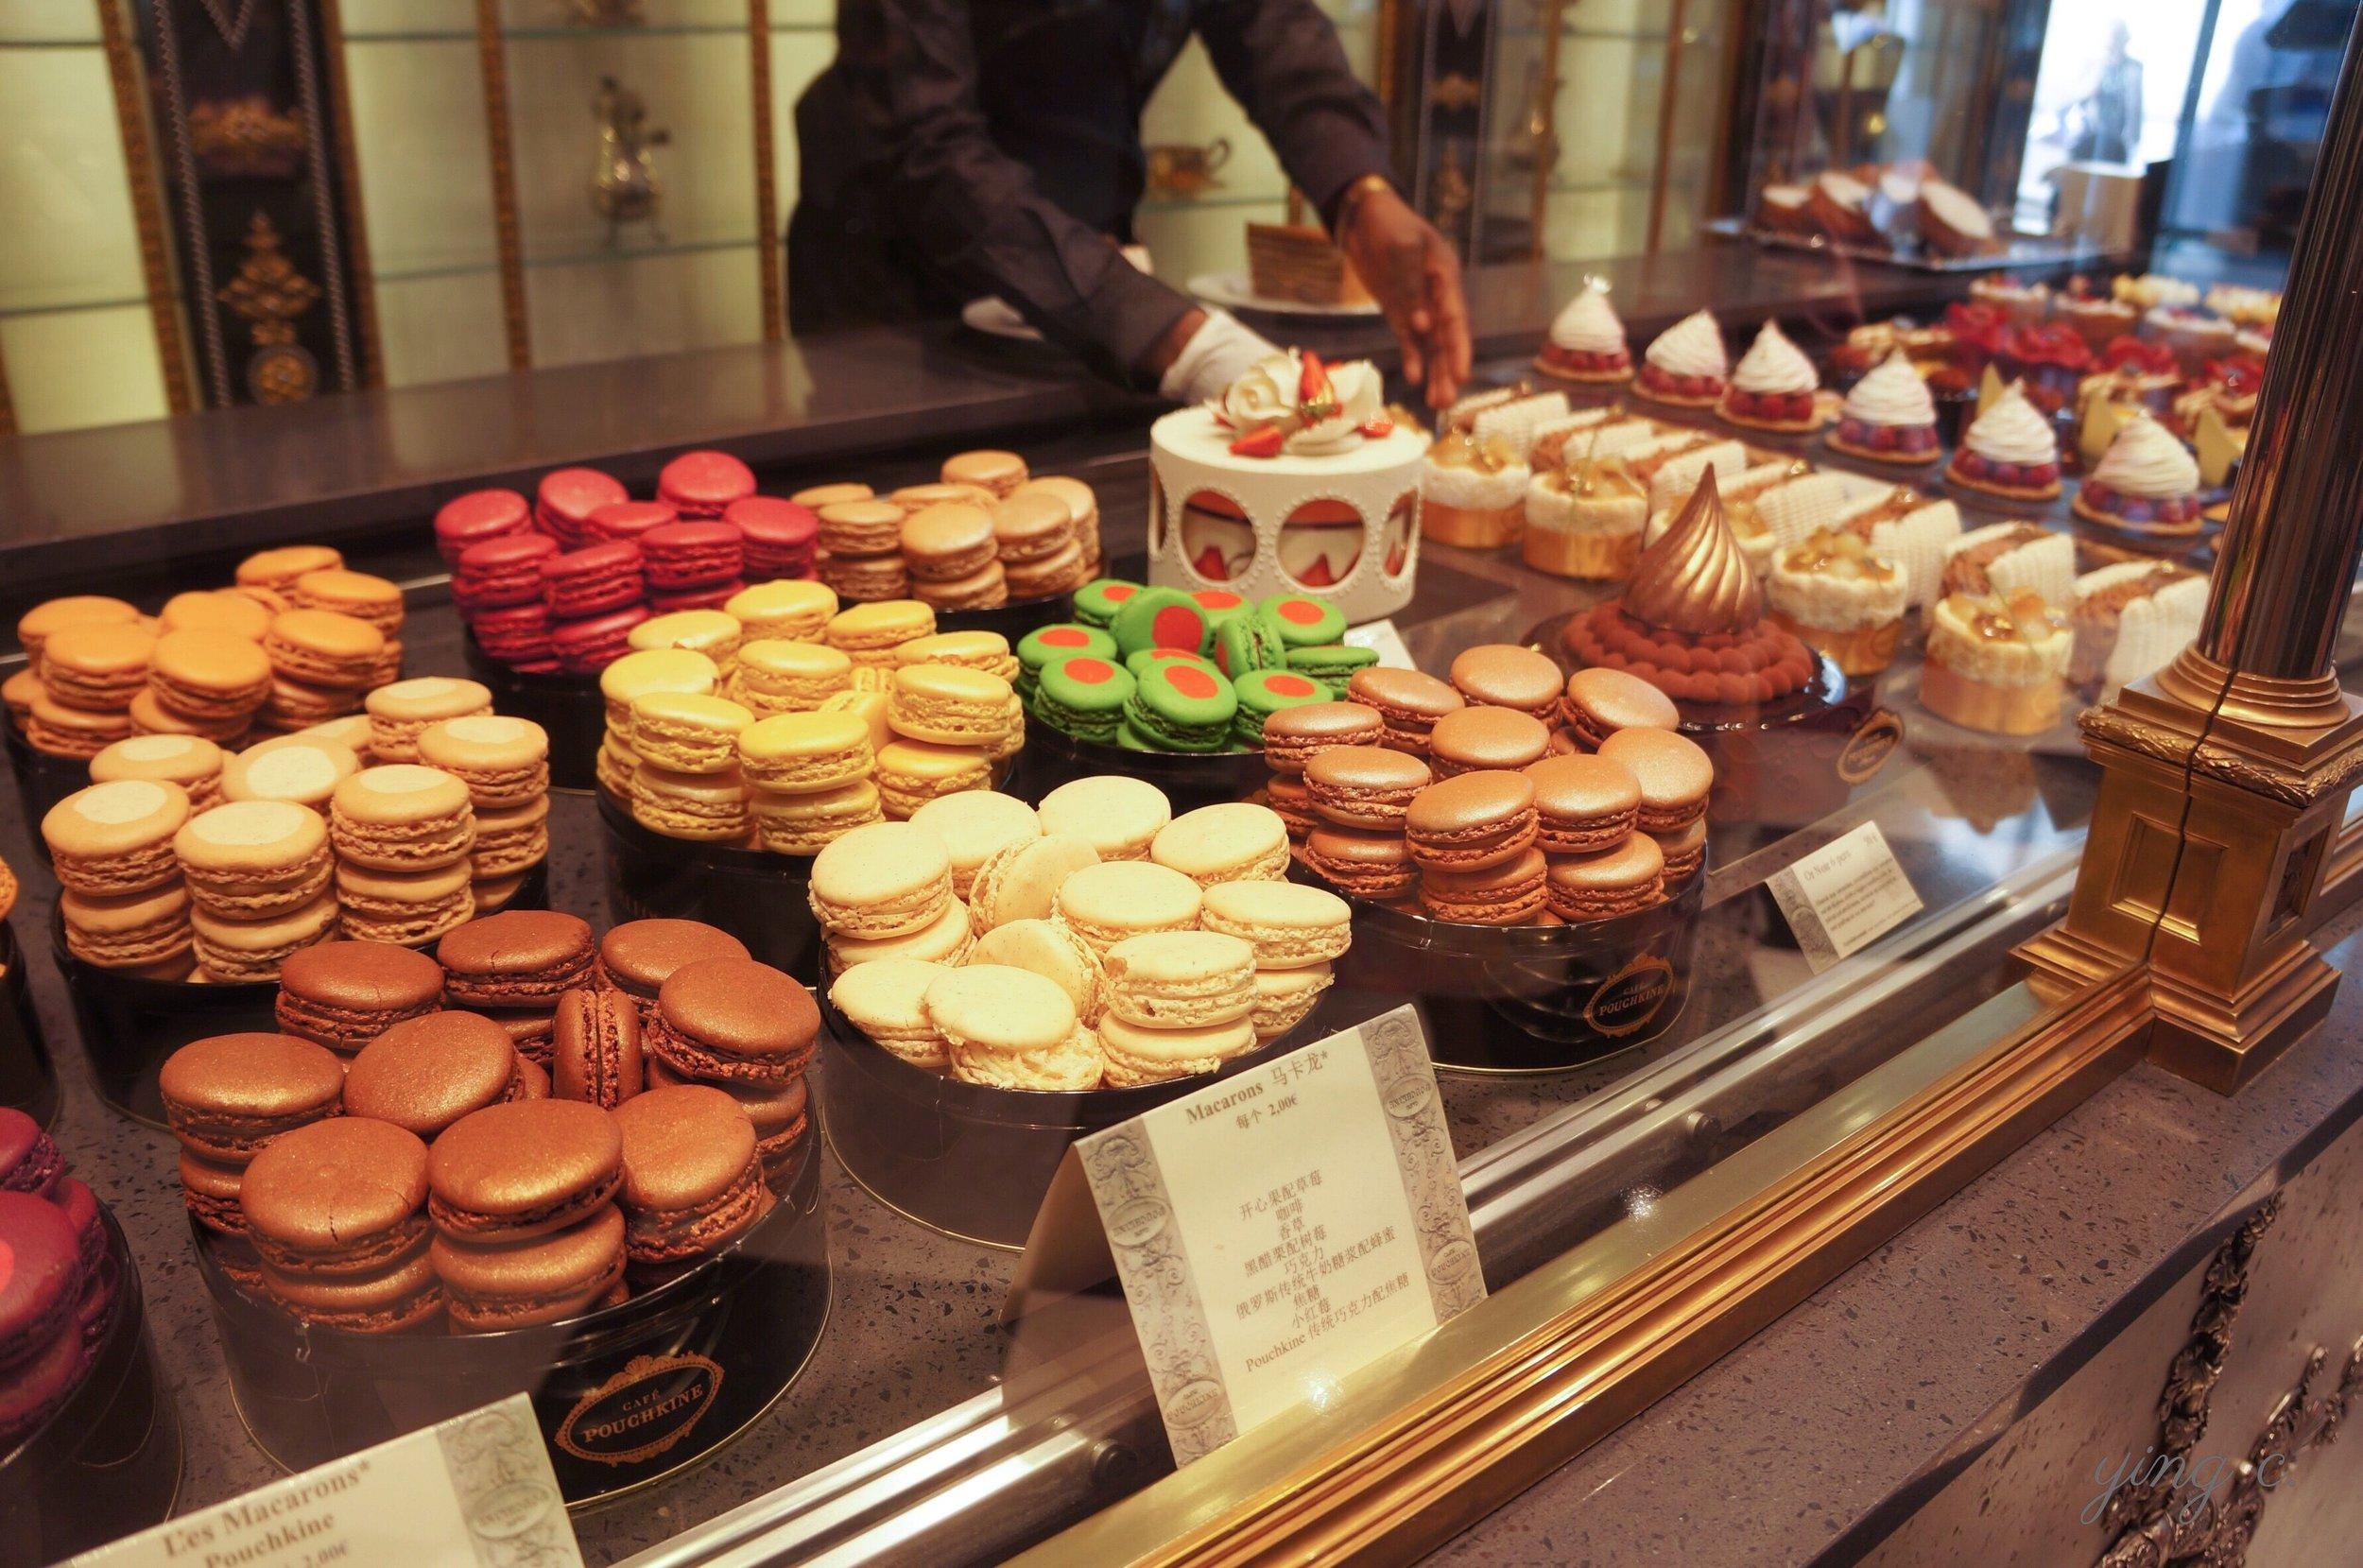 圖2. 位於巴黎春天百貨的普希金咖啡館,也有各式各樣的馬卡龍。